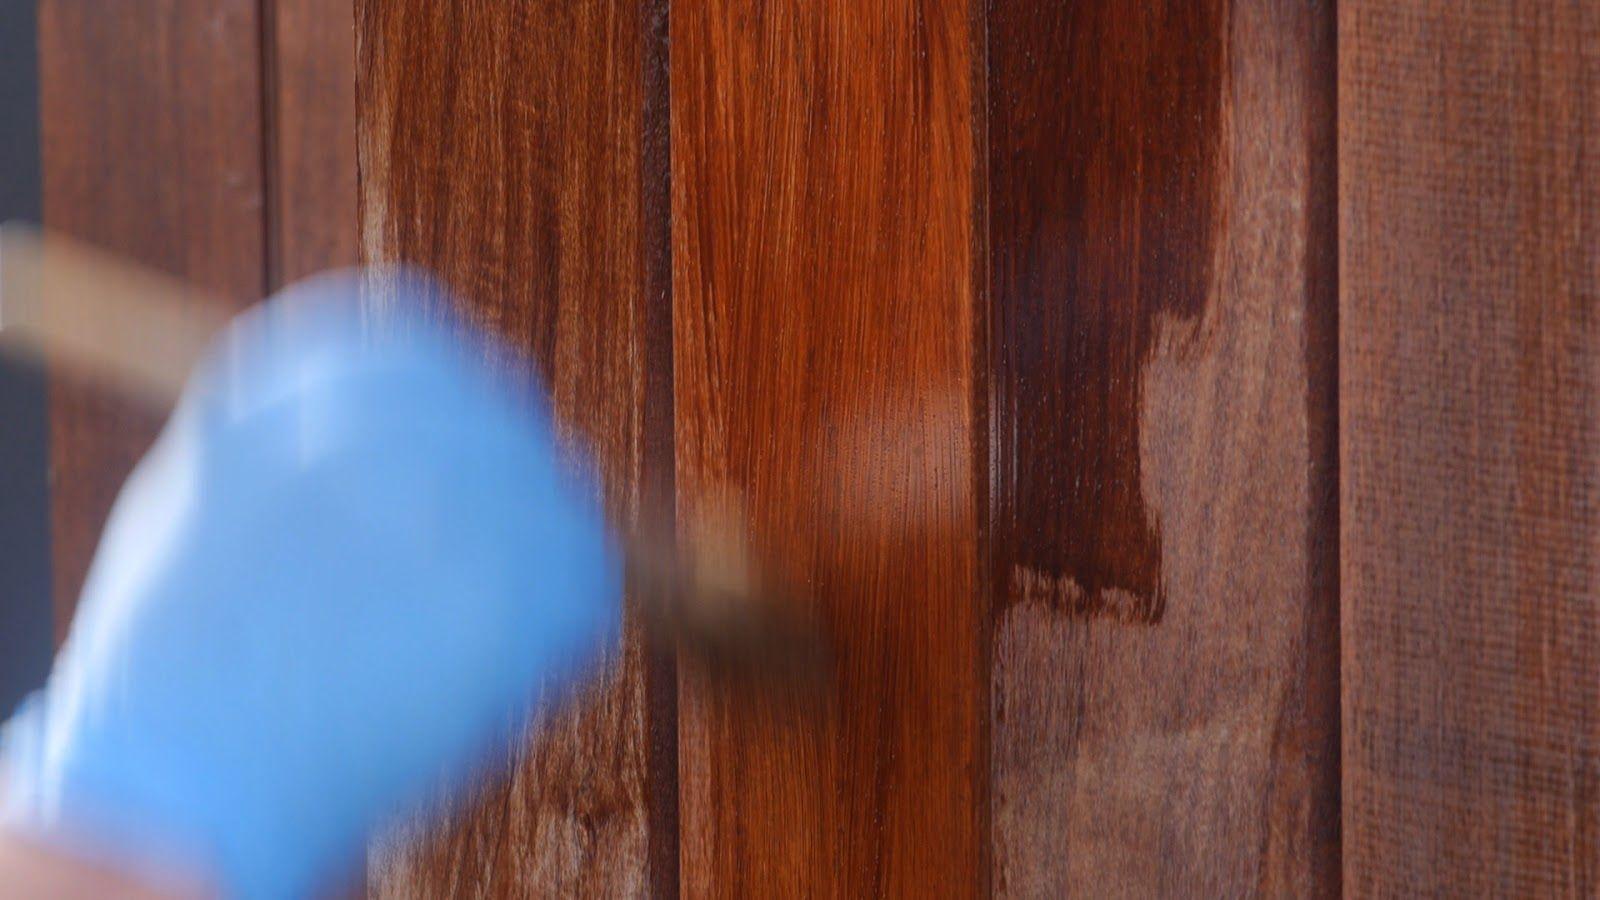 Aplicar el lasur protector de la madera con brocha o rodillo